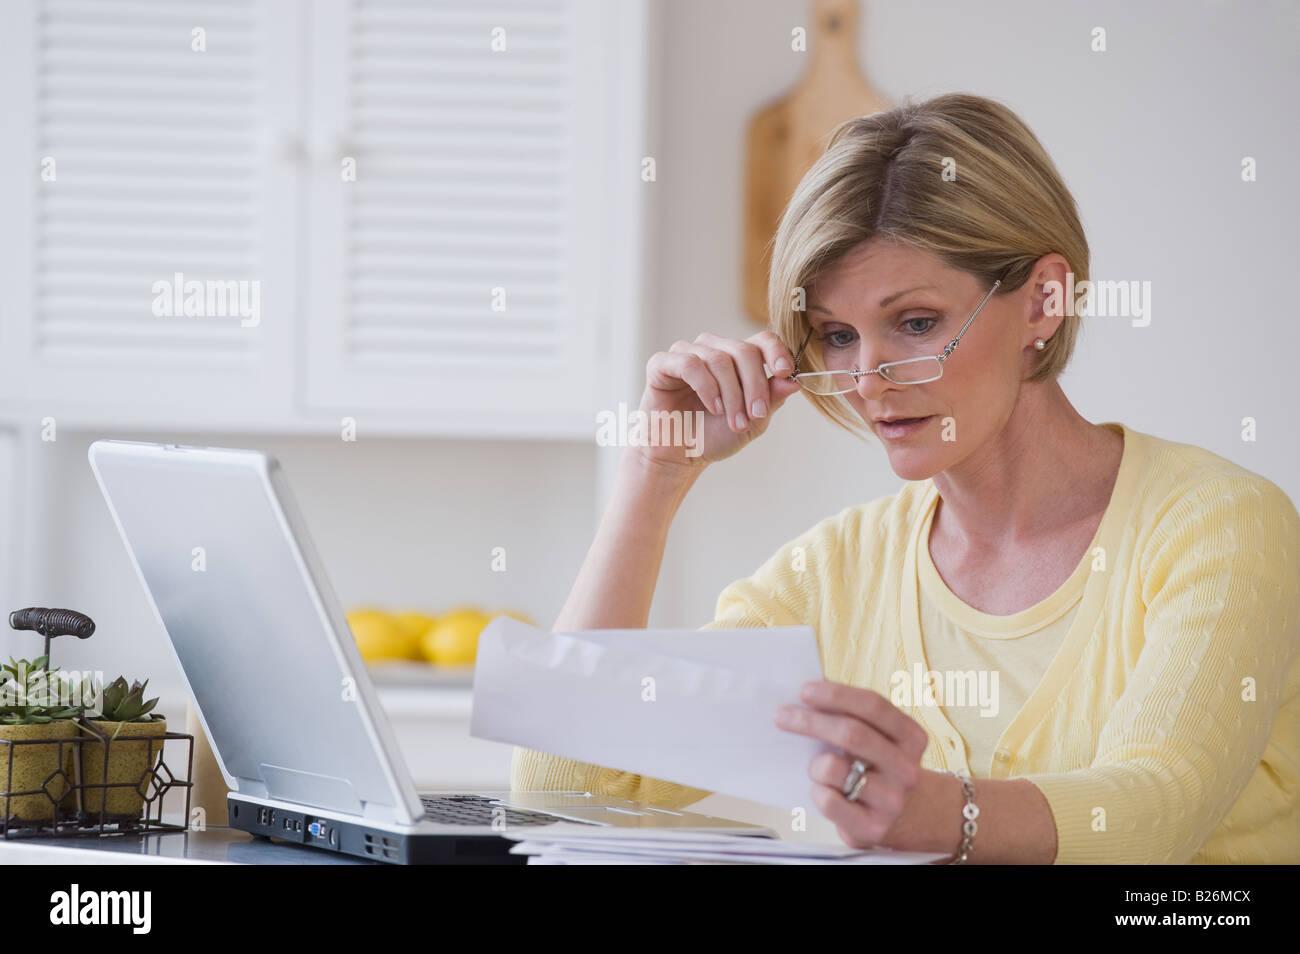 La donna la lettura della posta accanto al laptop Immagini Stock